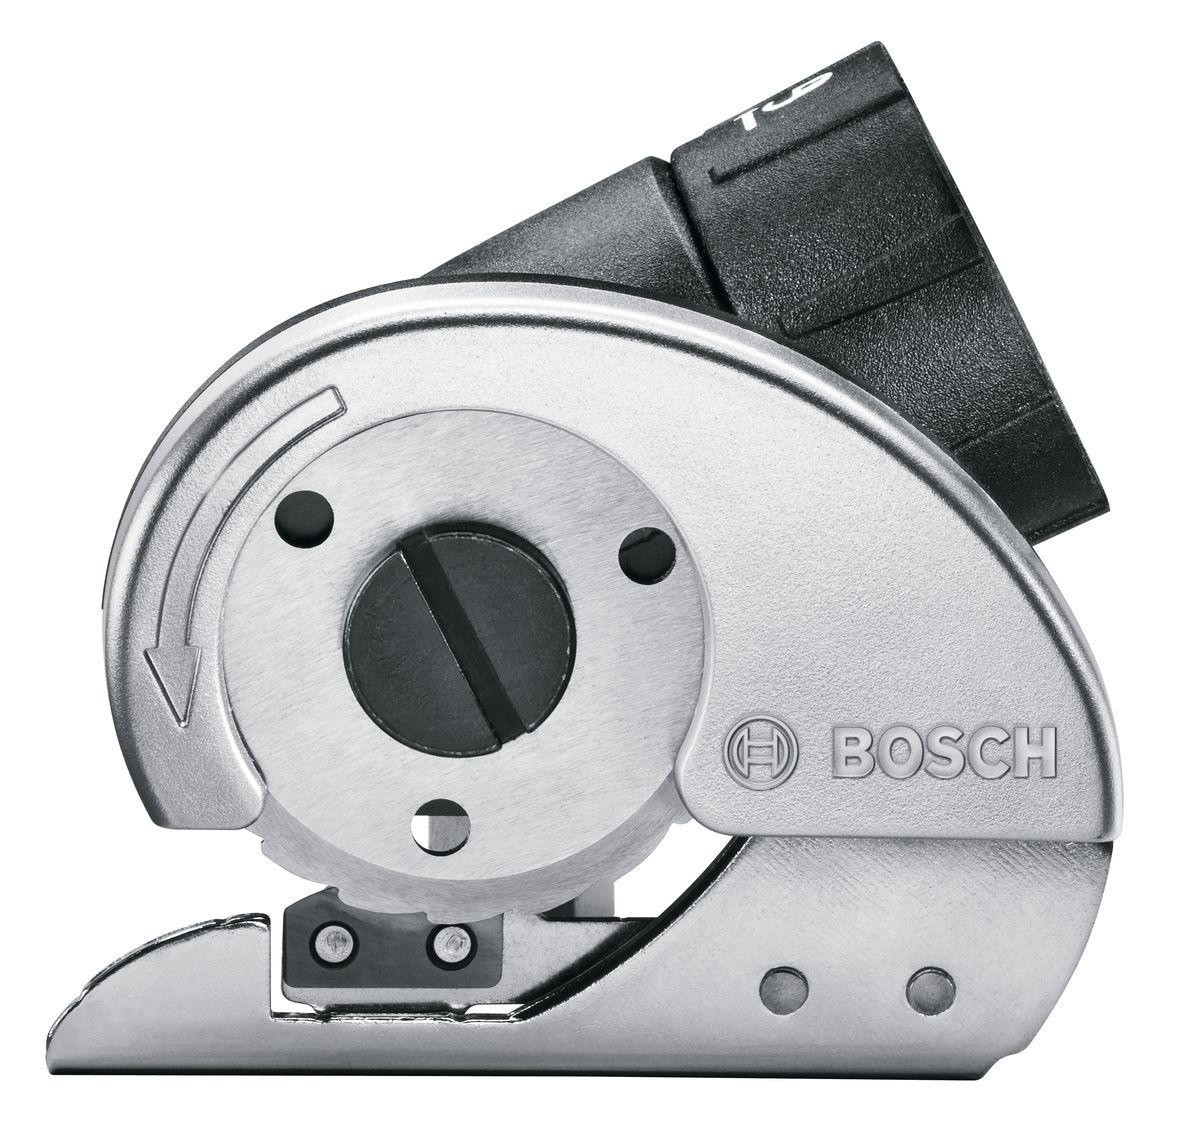 Насадка-нож Cutter для Bosch IXO V 1600A001YF1600A001YFУниверсальная насадка Cutter быстро и легко поможет с раскройкой любой ткани.Такая насадка будет полезна и женщинам и мужчинам, любителям и профессионалам. Насадка совместима со всеми шуруповертами Bosh IXO V. Размер насадки: 6,5 см х 5 см х 4 см.